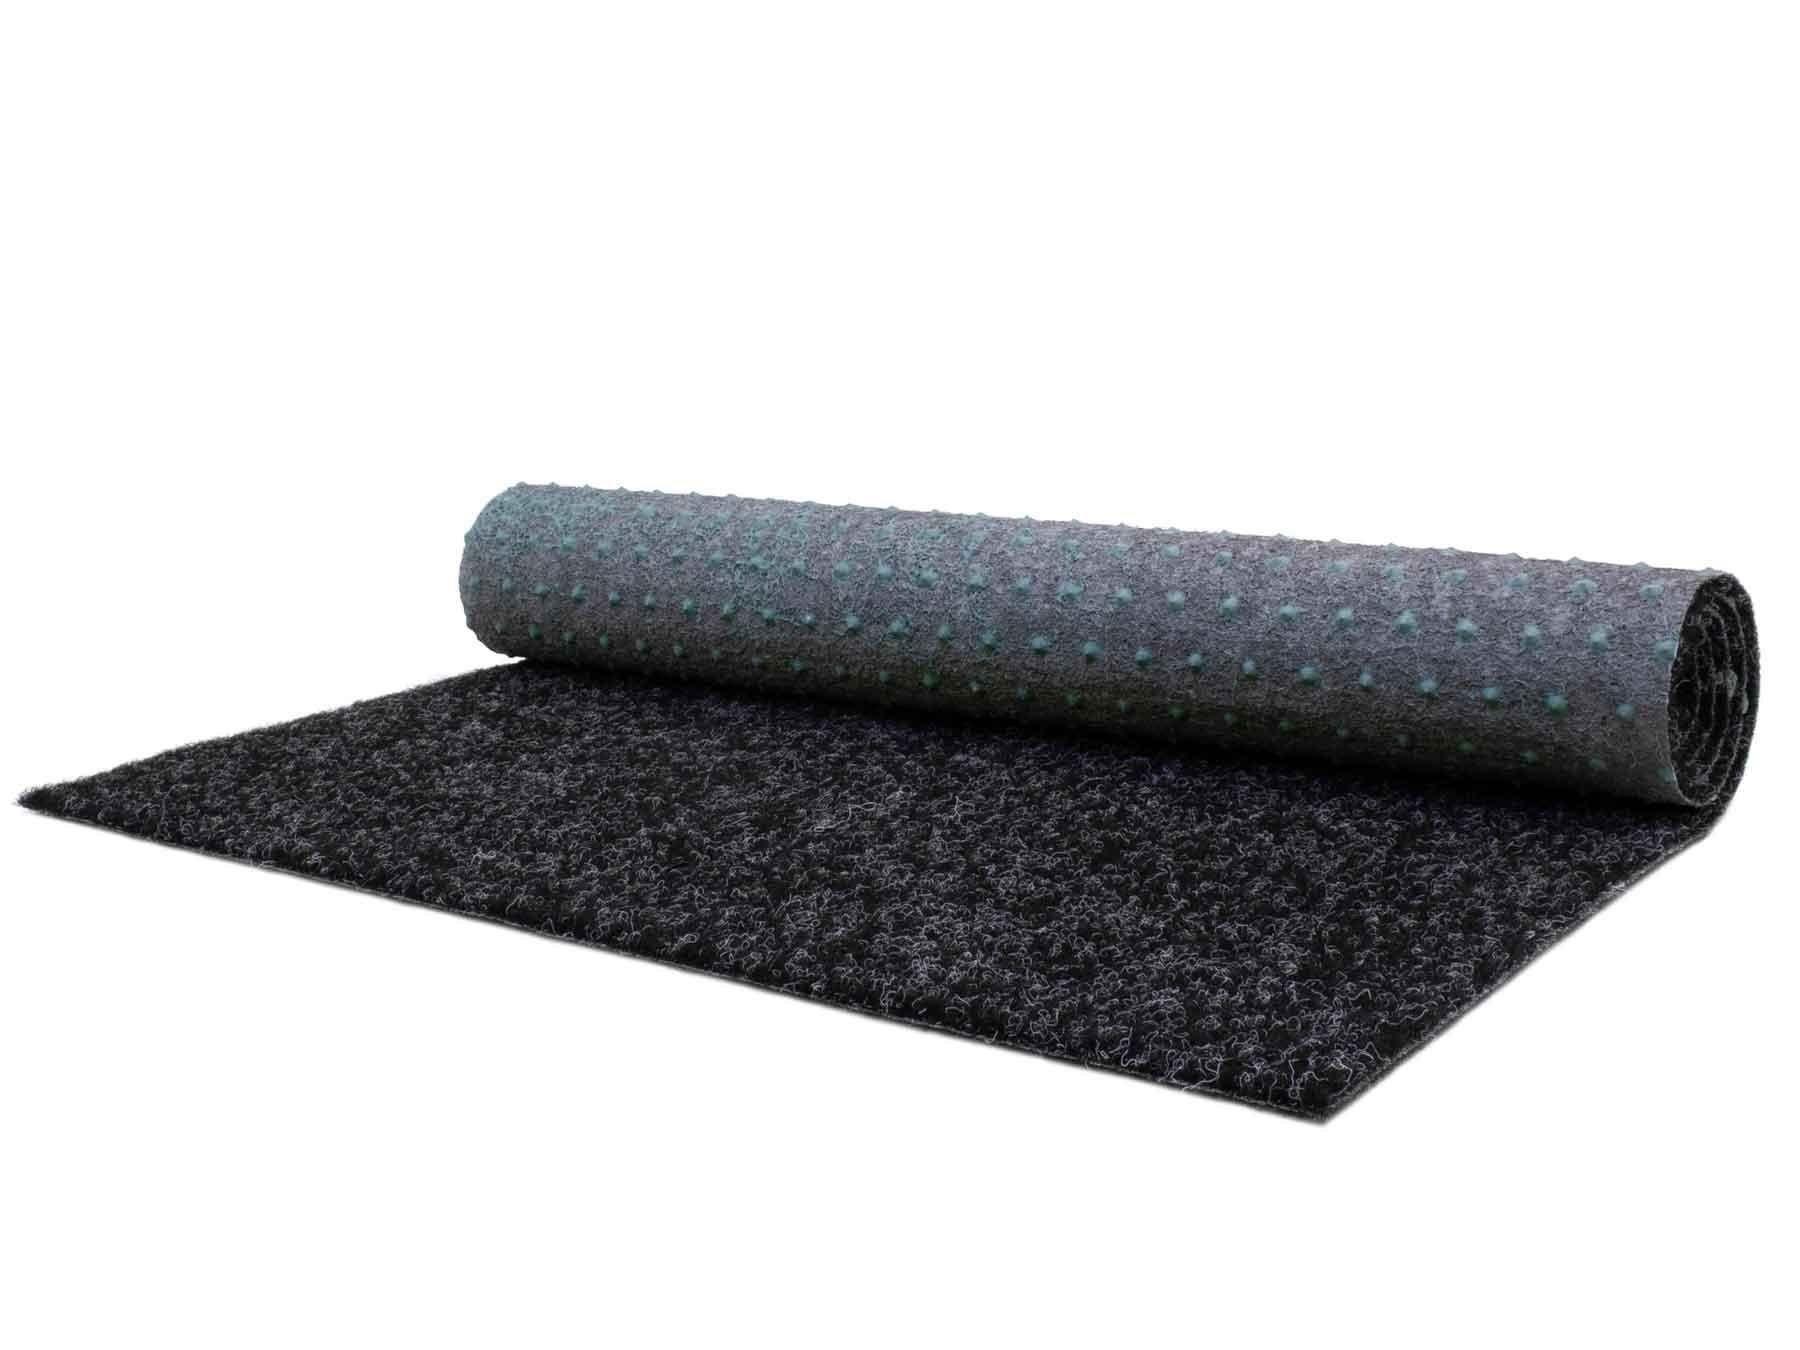 Primaflor-ideen In Textil Teppich  »PARK«, 133×2800 cm, 7 mm Gesamthöhe, grau